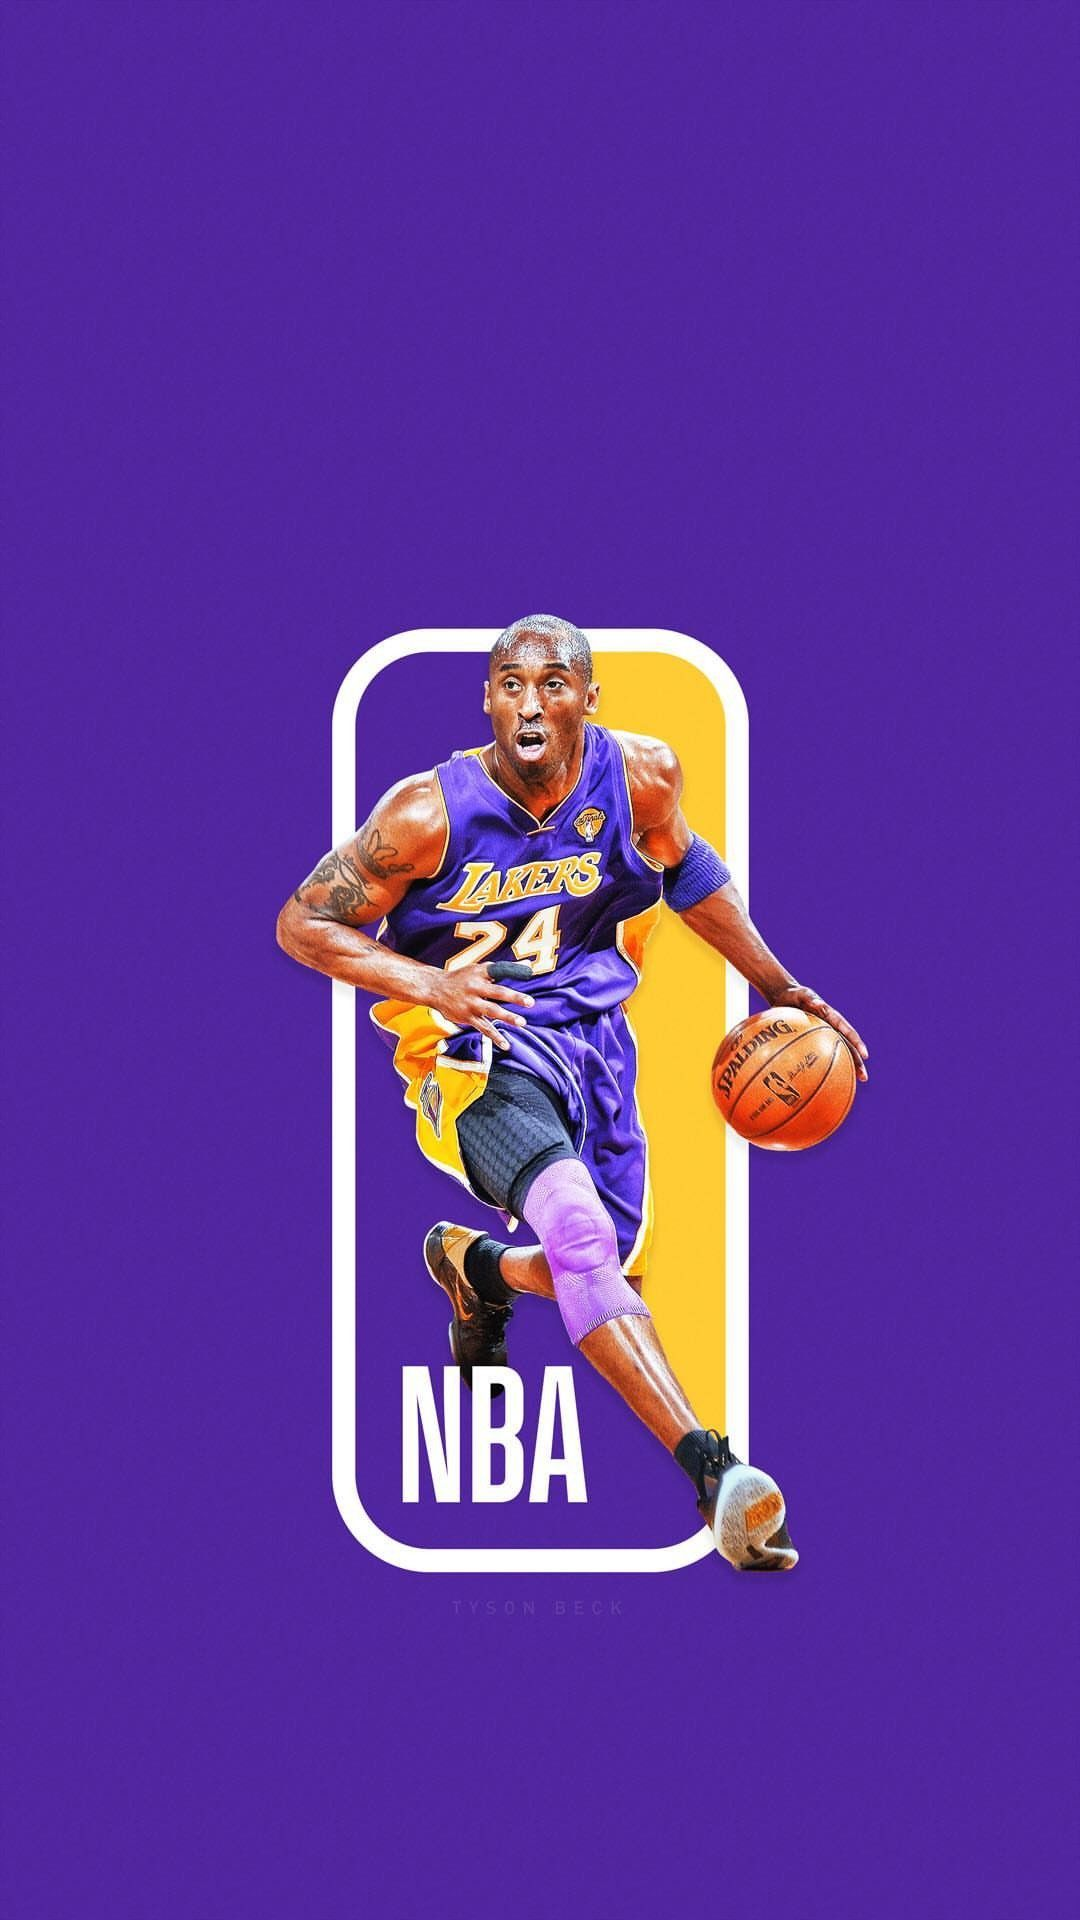 Kobe Bryant Wallpaper Kobe bryant wallpaper, Kobe bryant